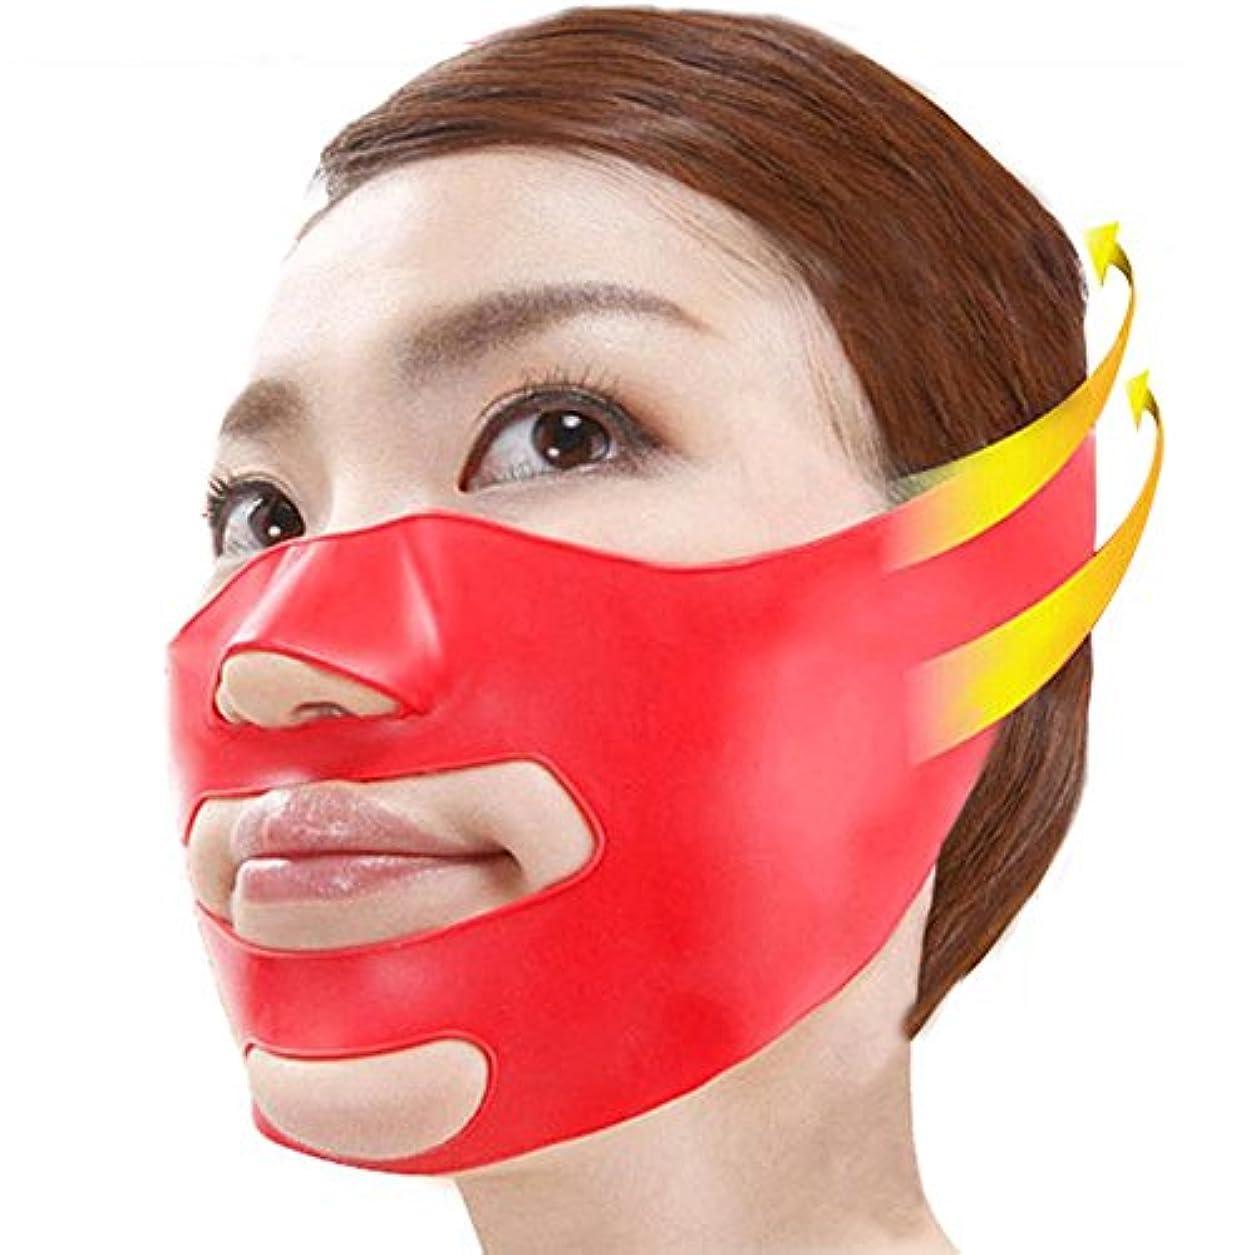 軍団乳白活発3D 小顔 マッサージグッズ フェイスマスク 美容 顔痩せ ほうれい線 消す グッズ 美顔 矯正 (フリーサイズ, レッド)